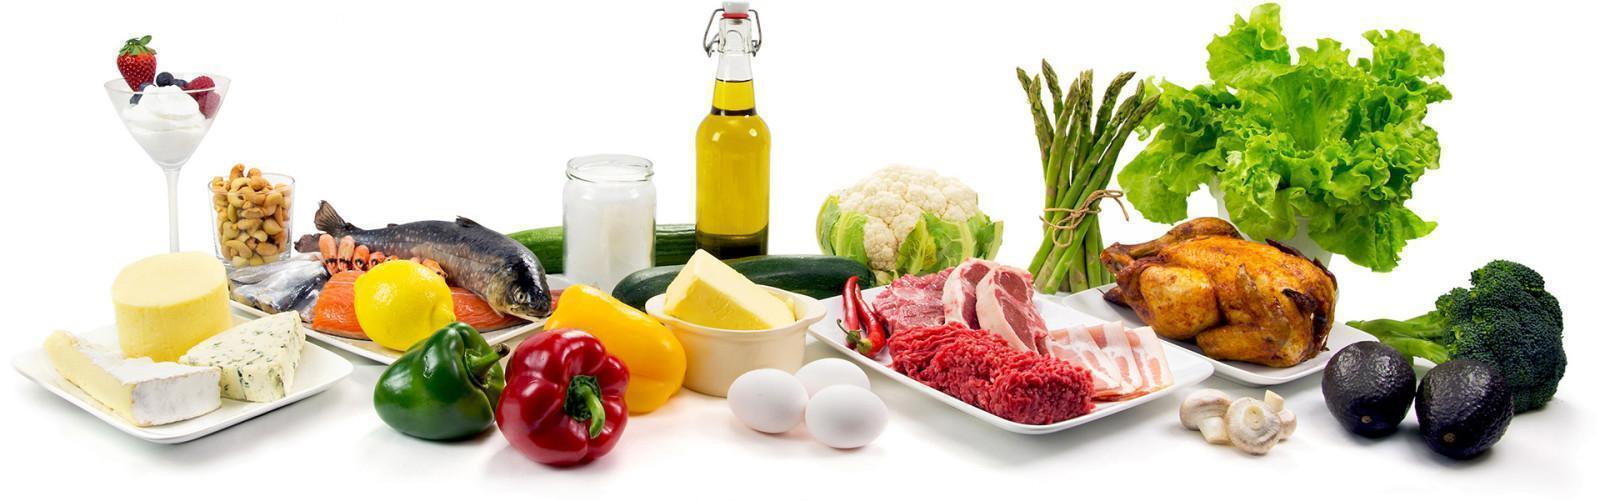 Dieta Sueca Low-Carb: O Que Comer e Como Fazer a Dieta